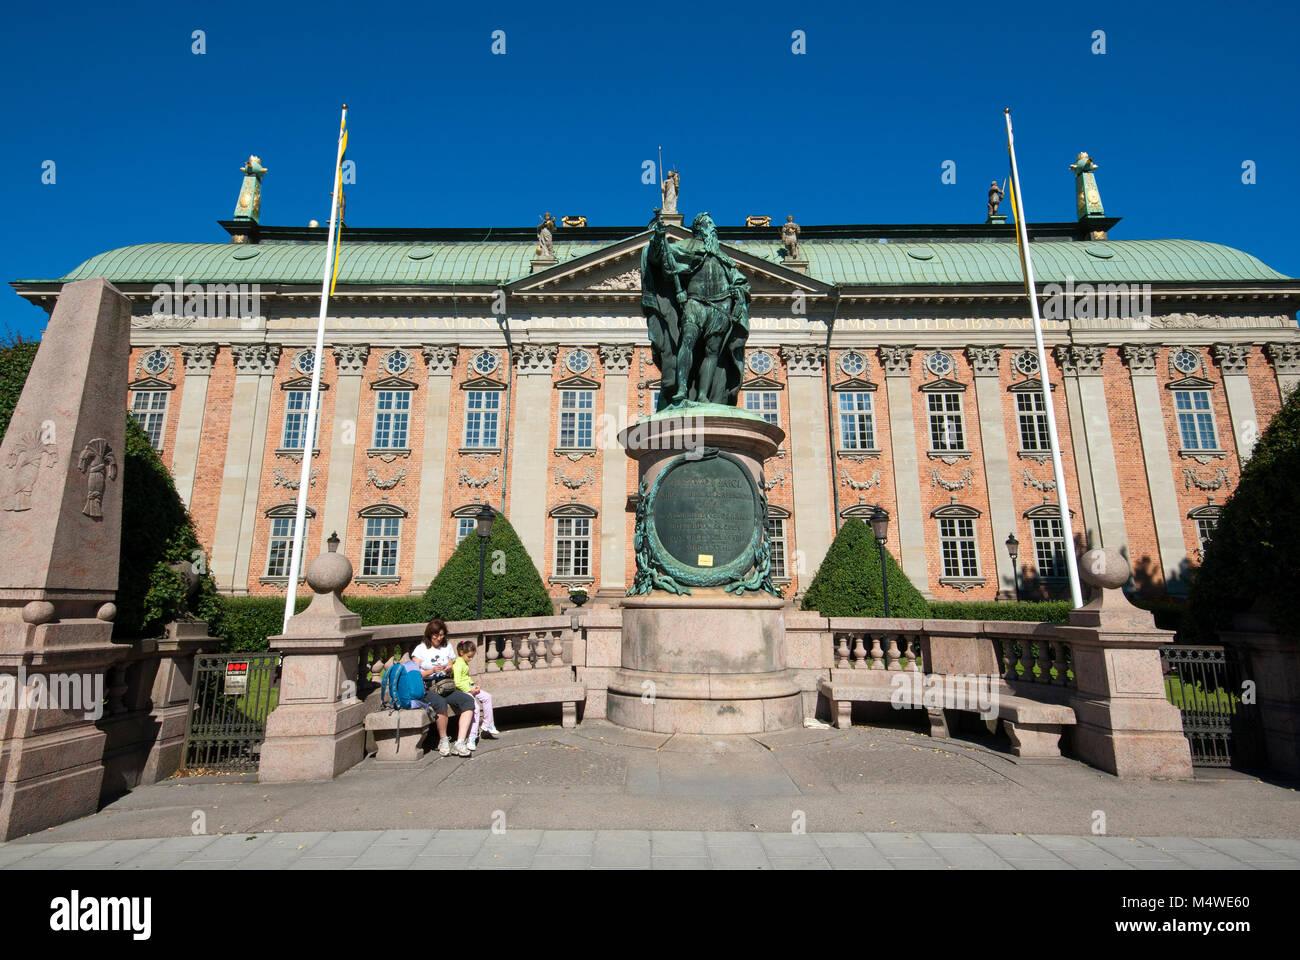 Statua di bronzo di Gustavo Erici e Riddarhuset (Casa della Nobiltà), Stoccolma, Svezia Immagini Stock